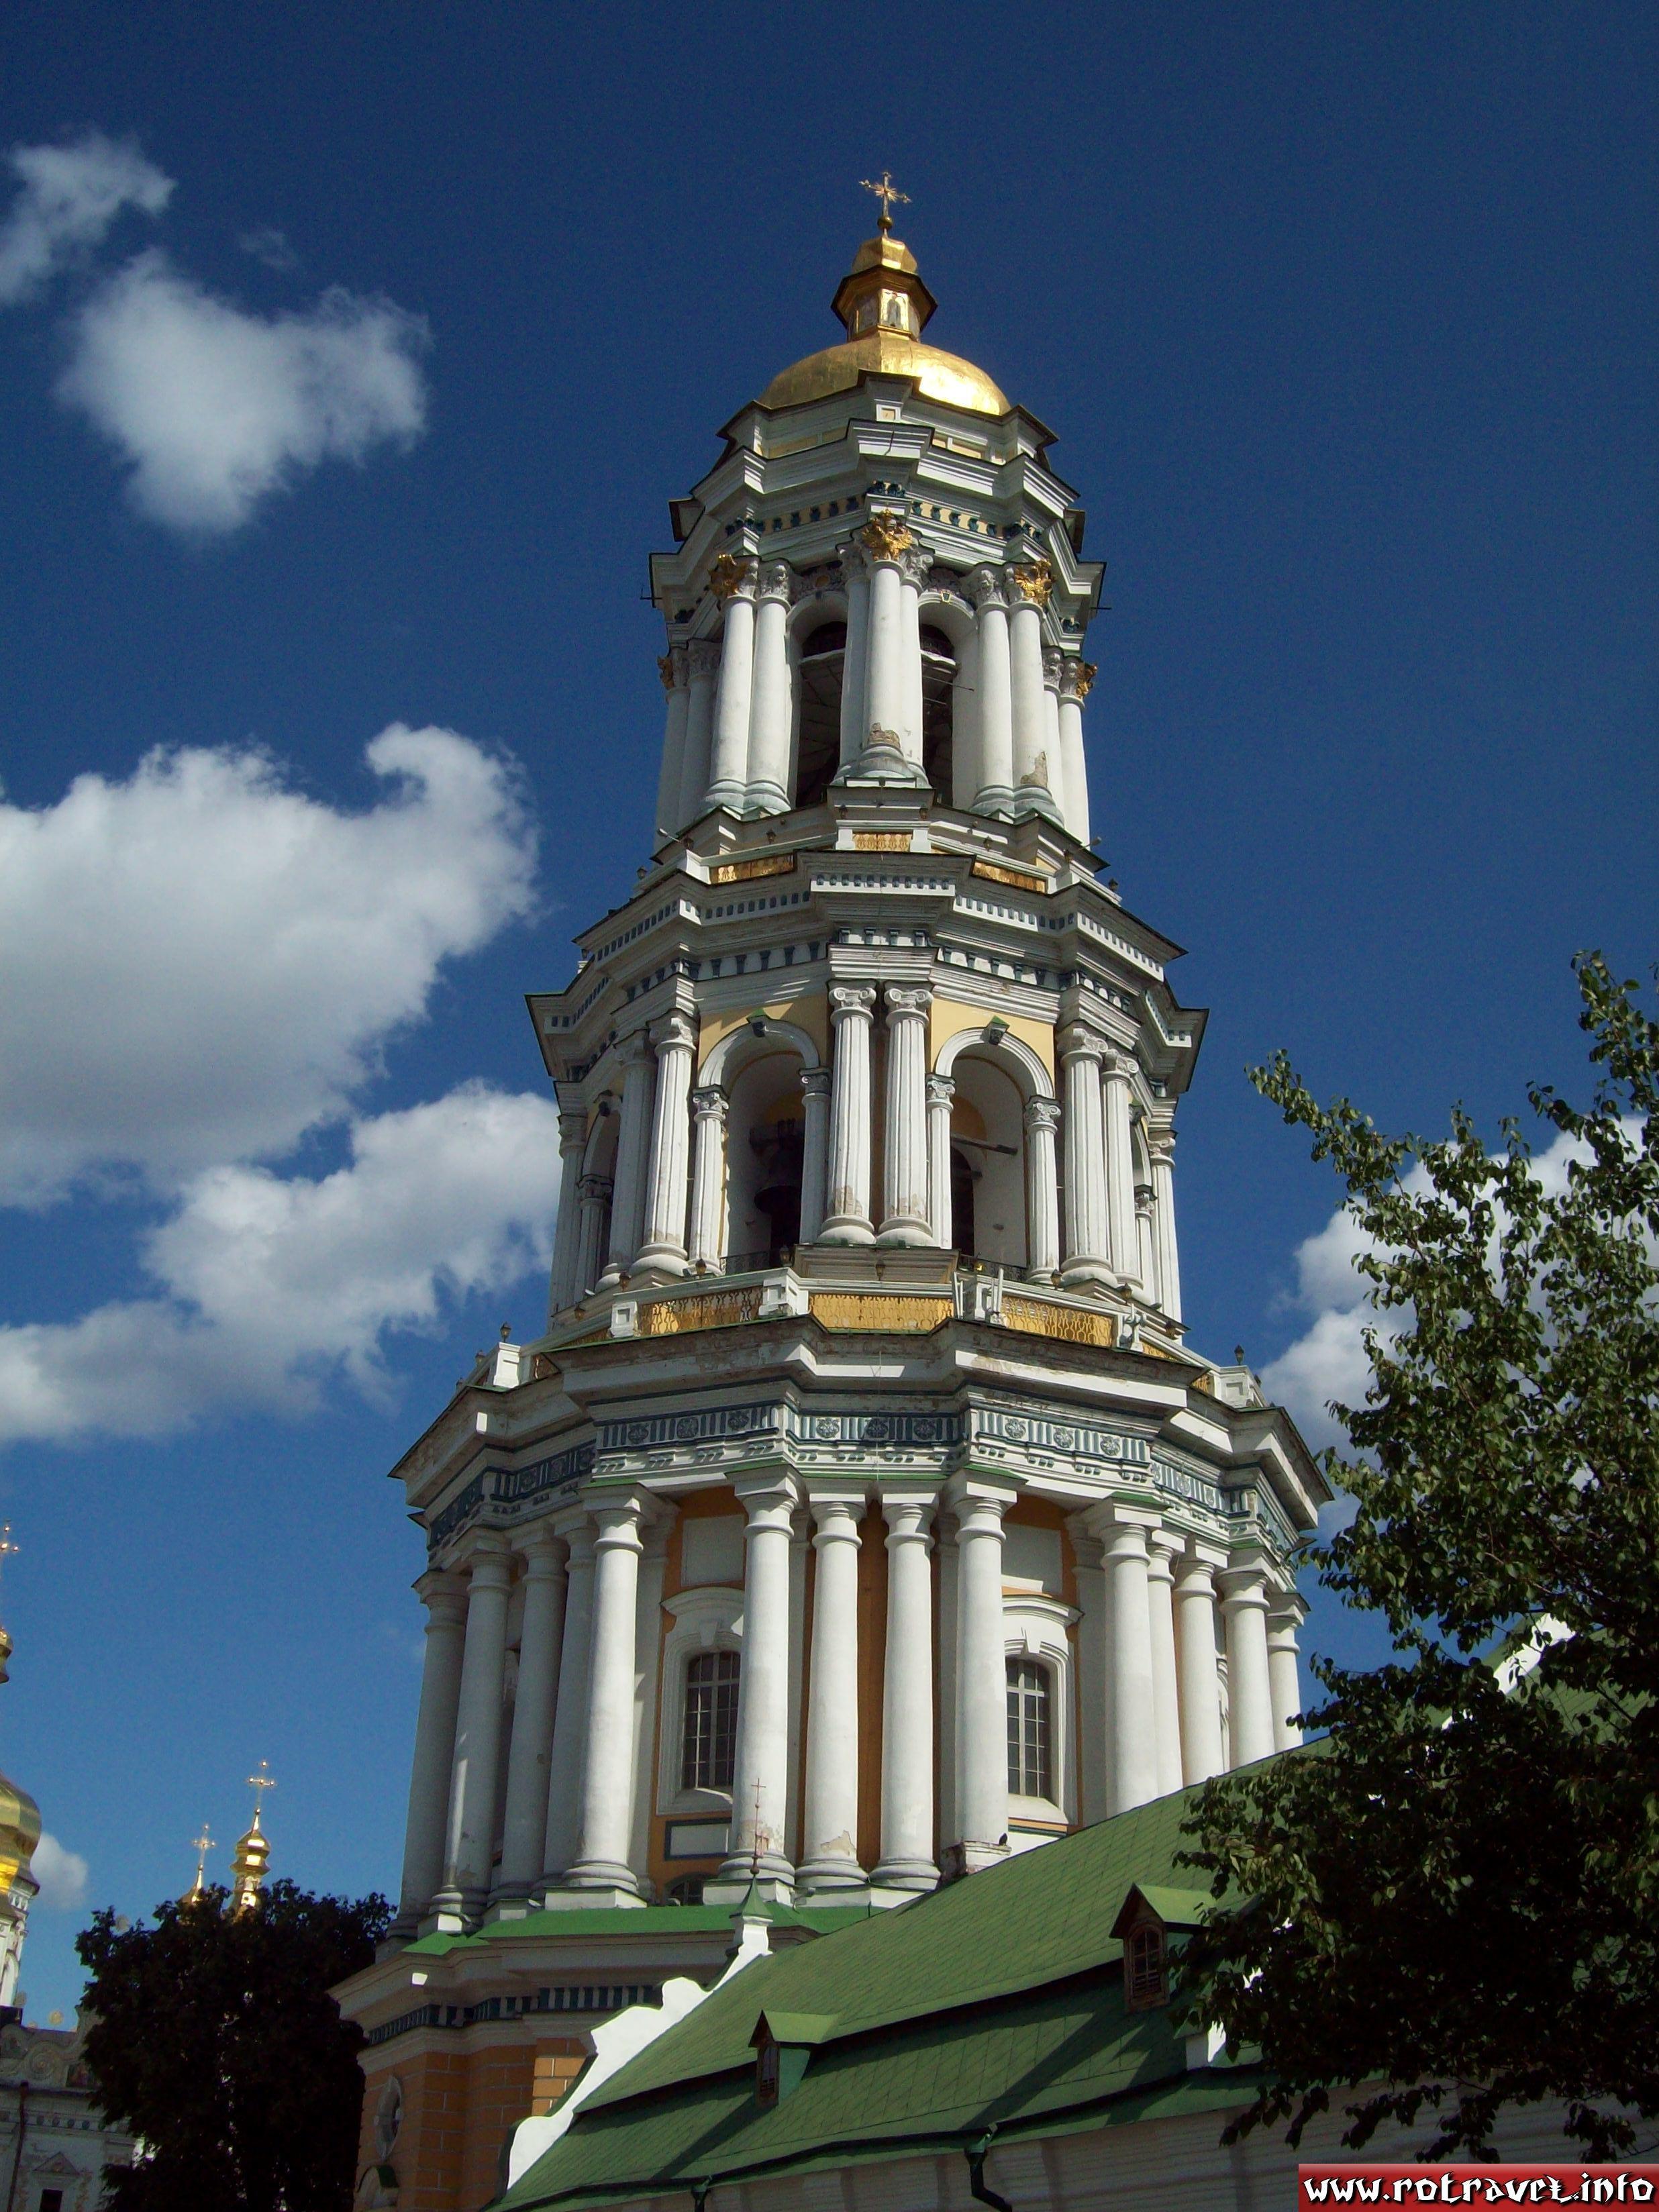 Great Lavra Belltower (Ukrainian: Велика Лаврська дзвіниця, Russian: Большая Лаврская колокольня)